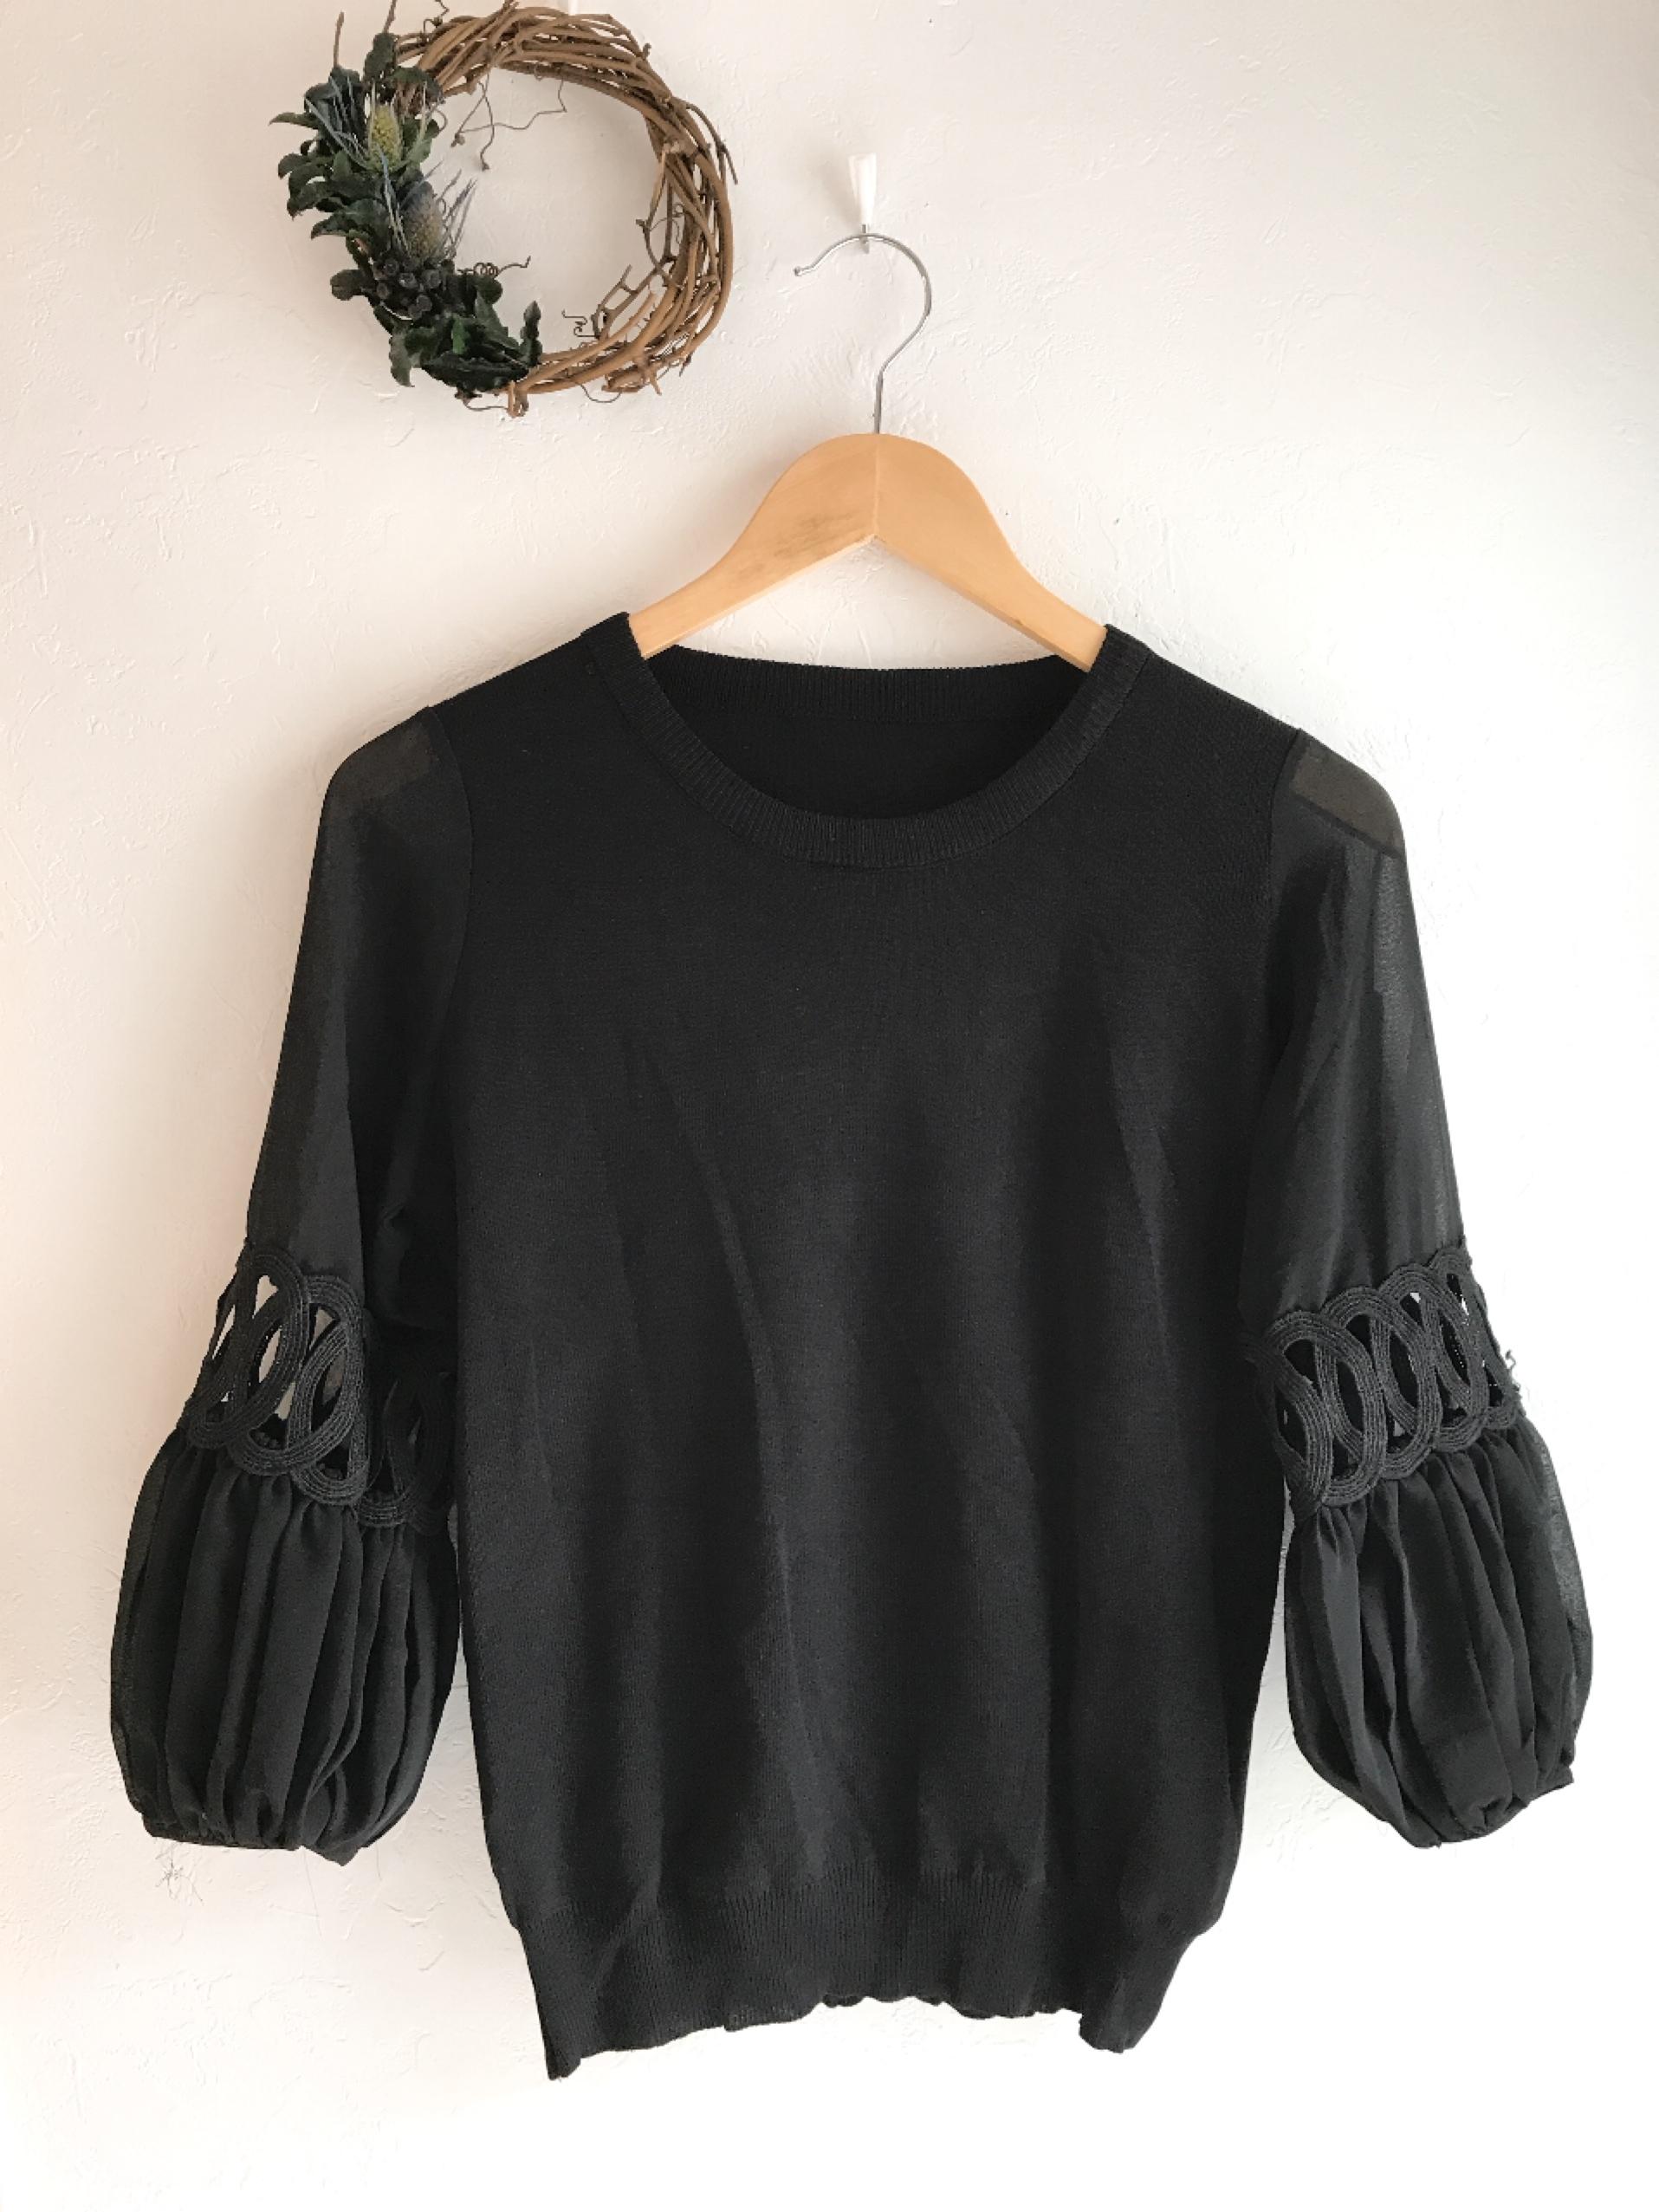 シースルー七分袖の上品ニット ブラック